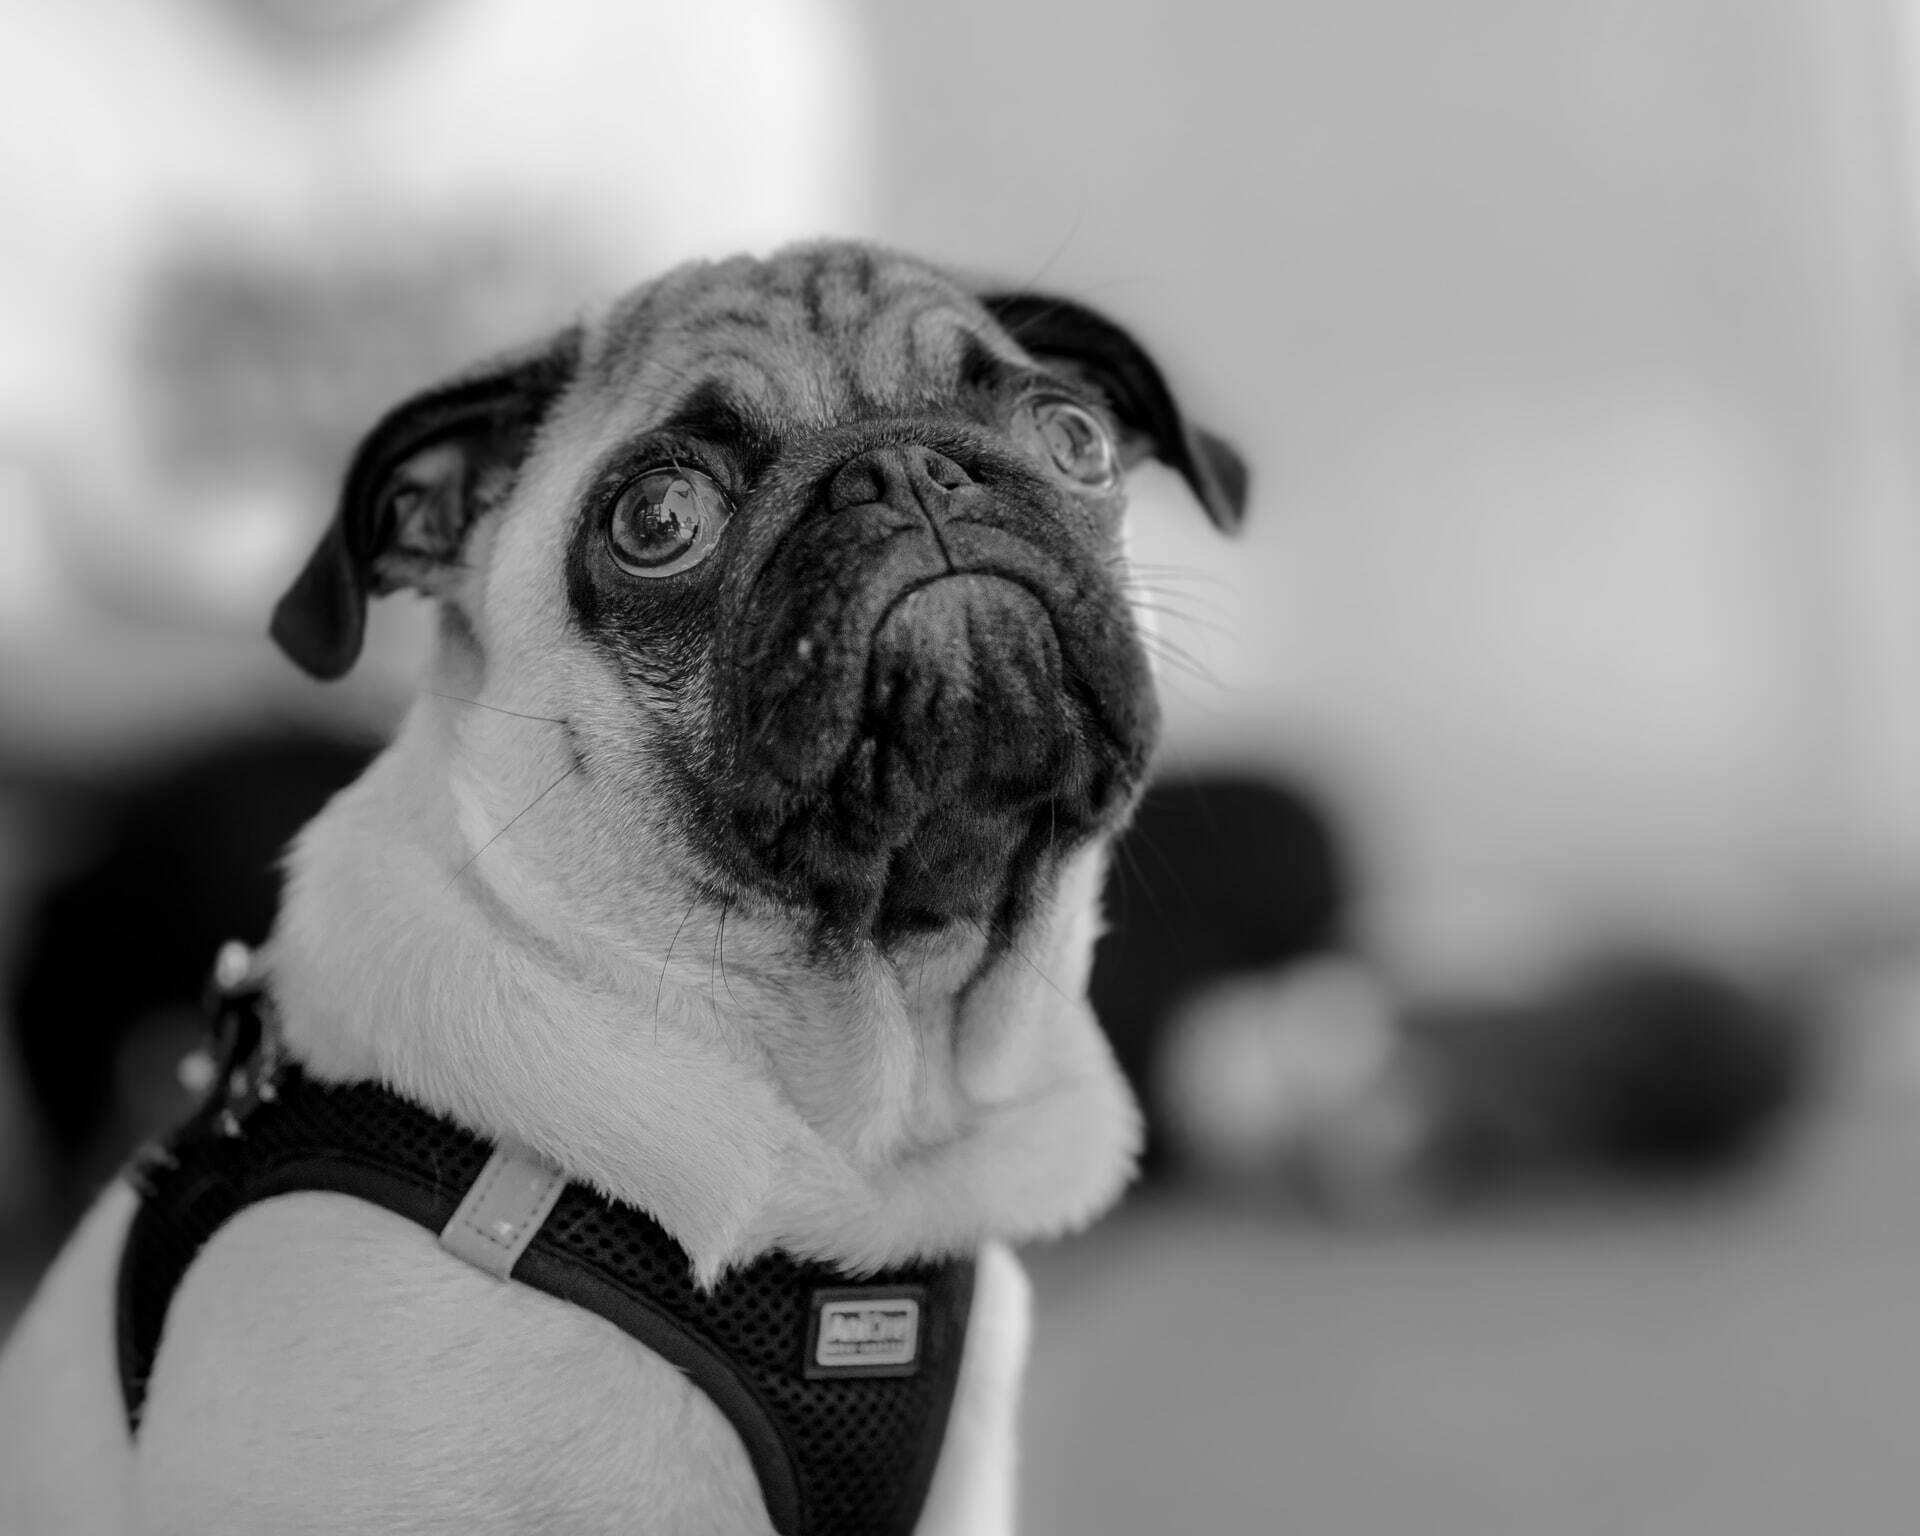 Cães passeiam no parque, comem resto de maconha e vão parar no hospital